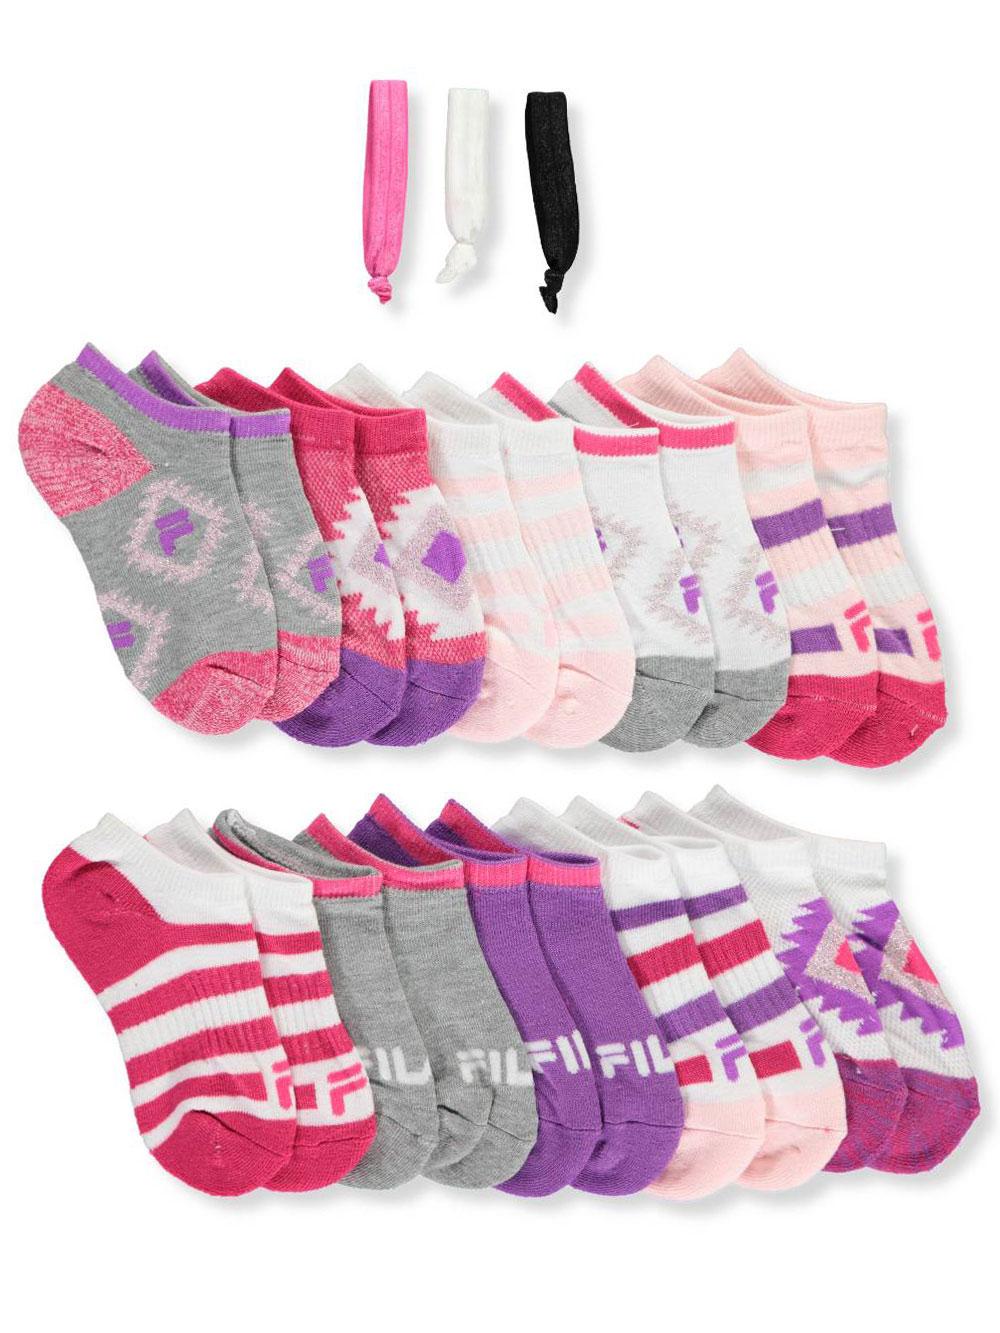 Skechers Girls/' 10-Pack No Show Ankle Socks